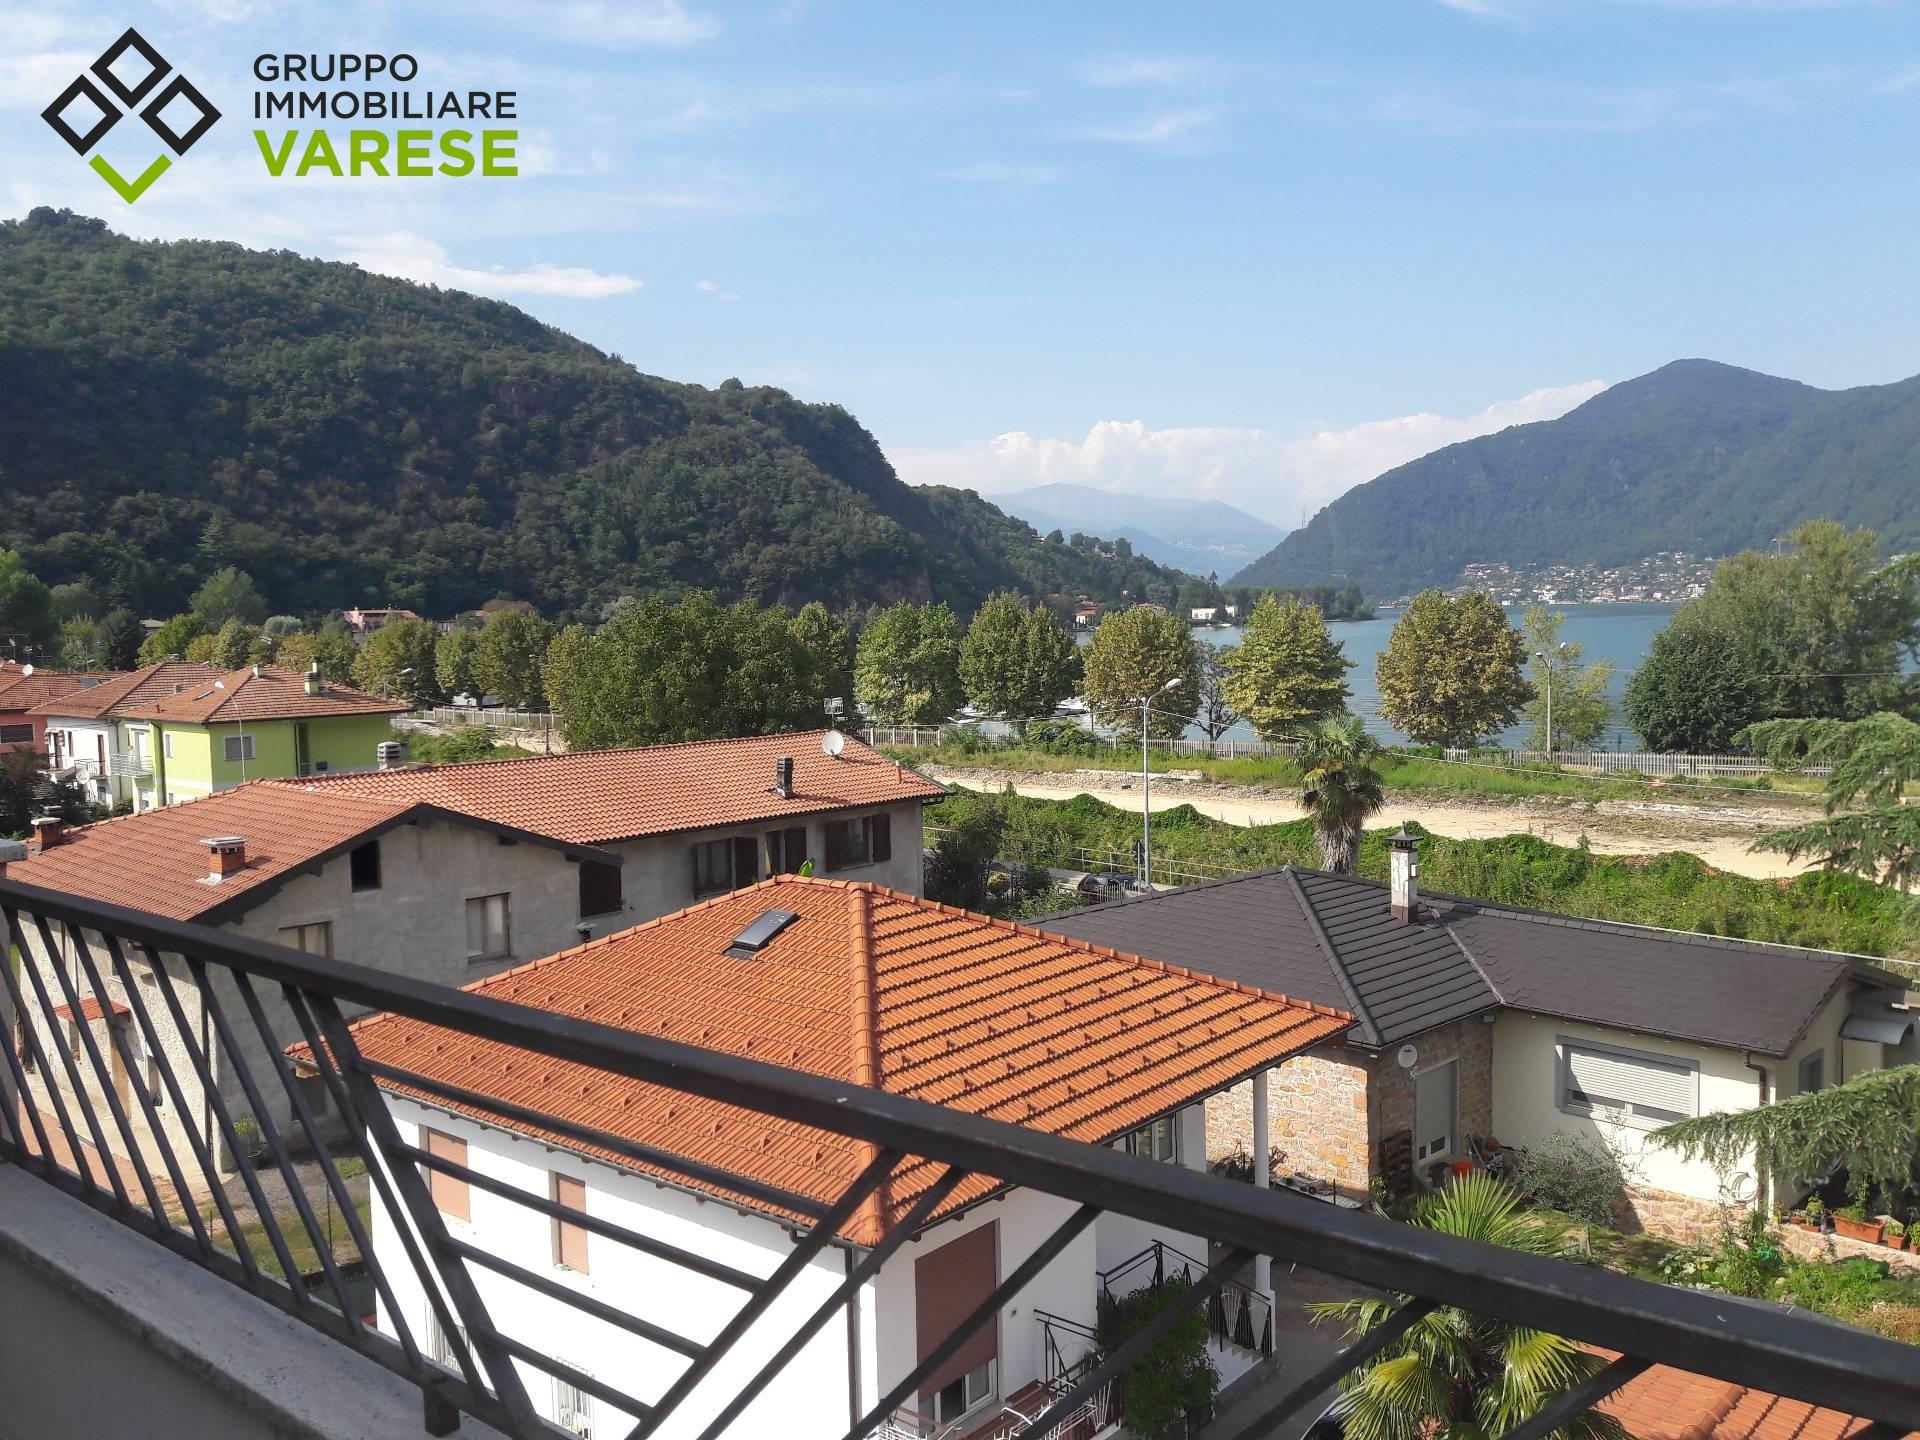 Appartamento in vendita a Porto Ceresio, 2 locali, prezzo € 119.000 | CambioCasa.it